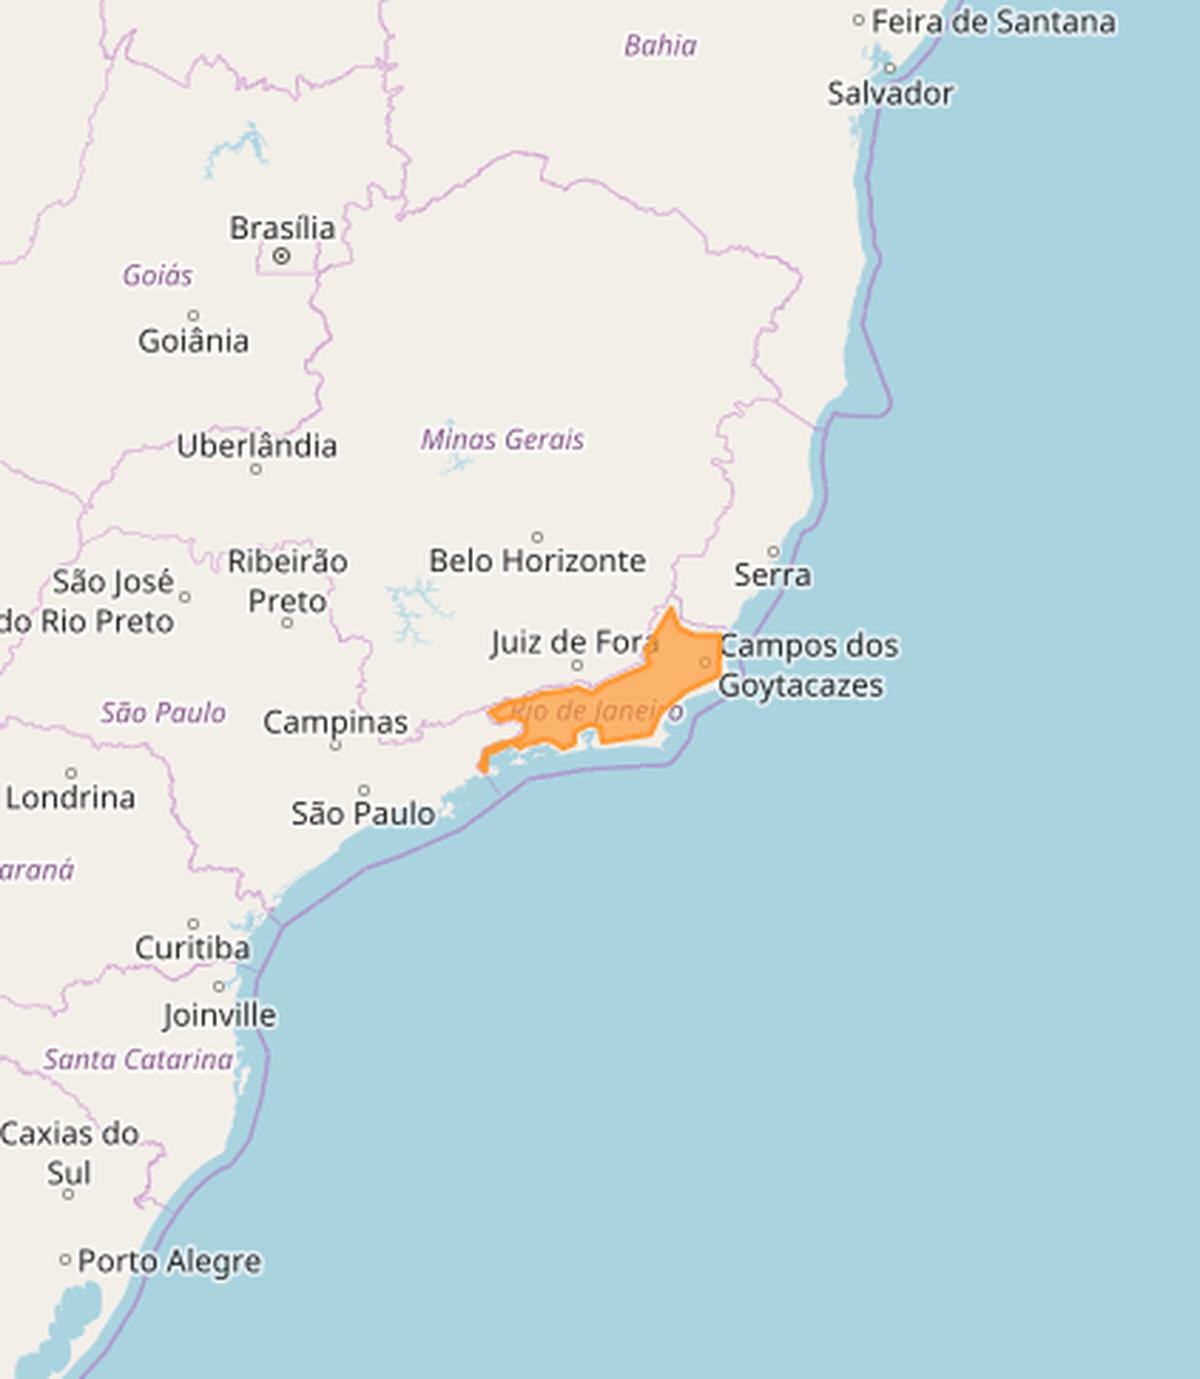 Inmet emite alerta de chuva e lista cidades do interior do Rio; veja quais são